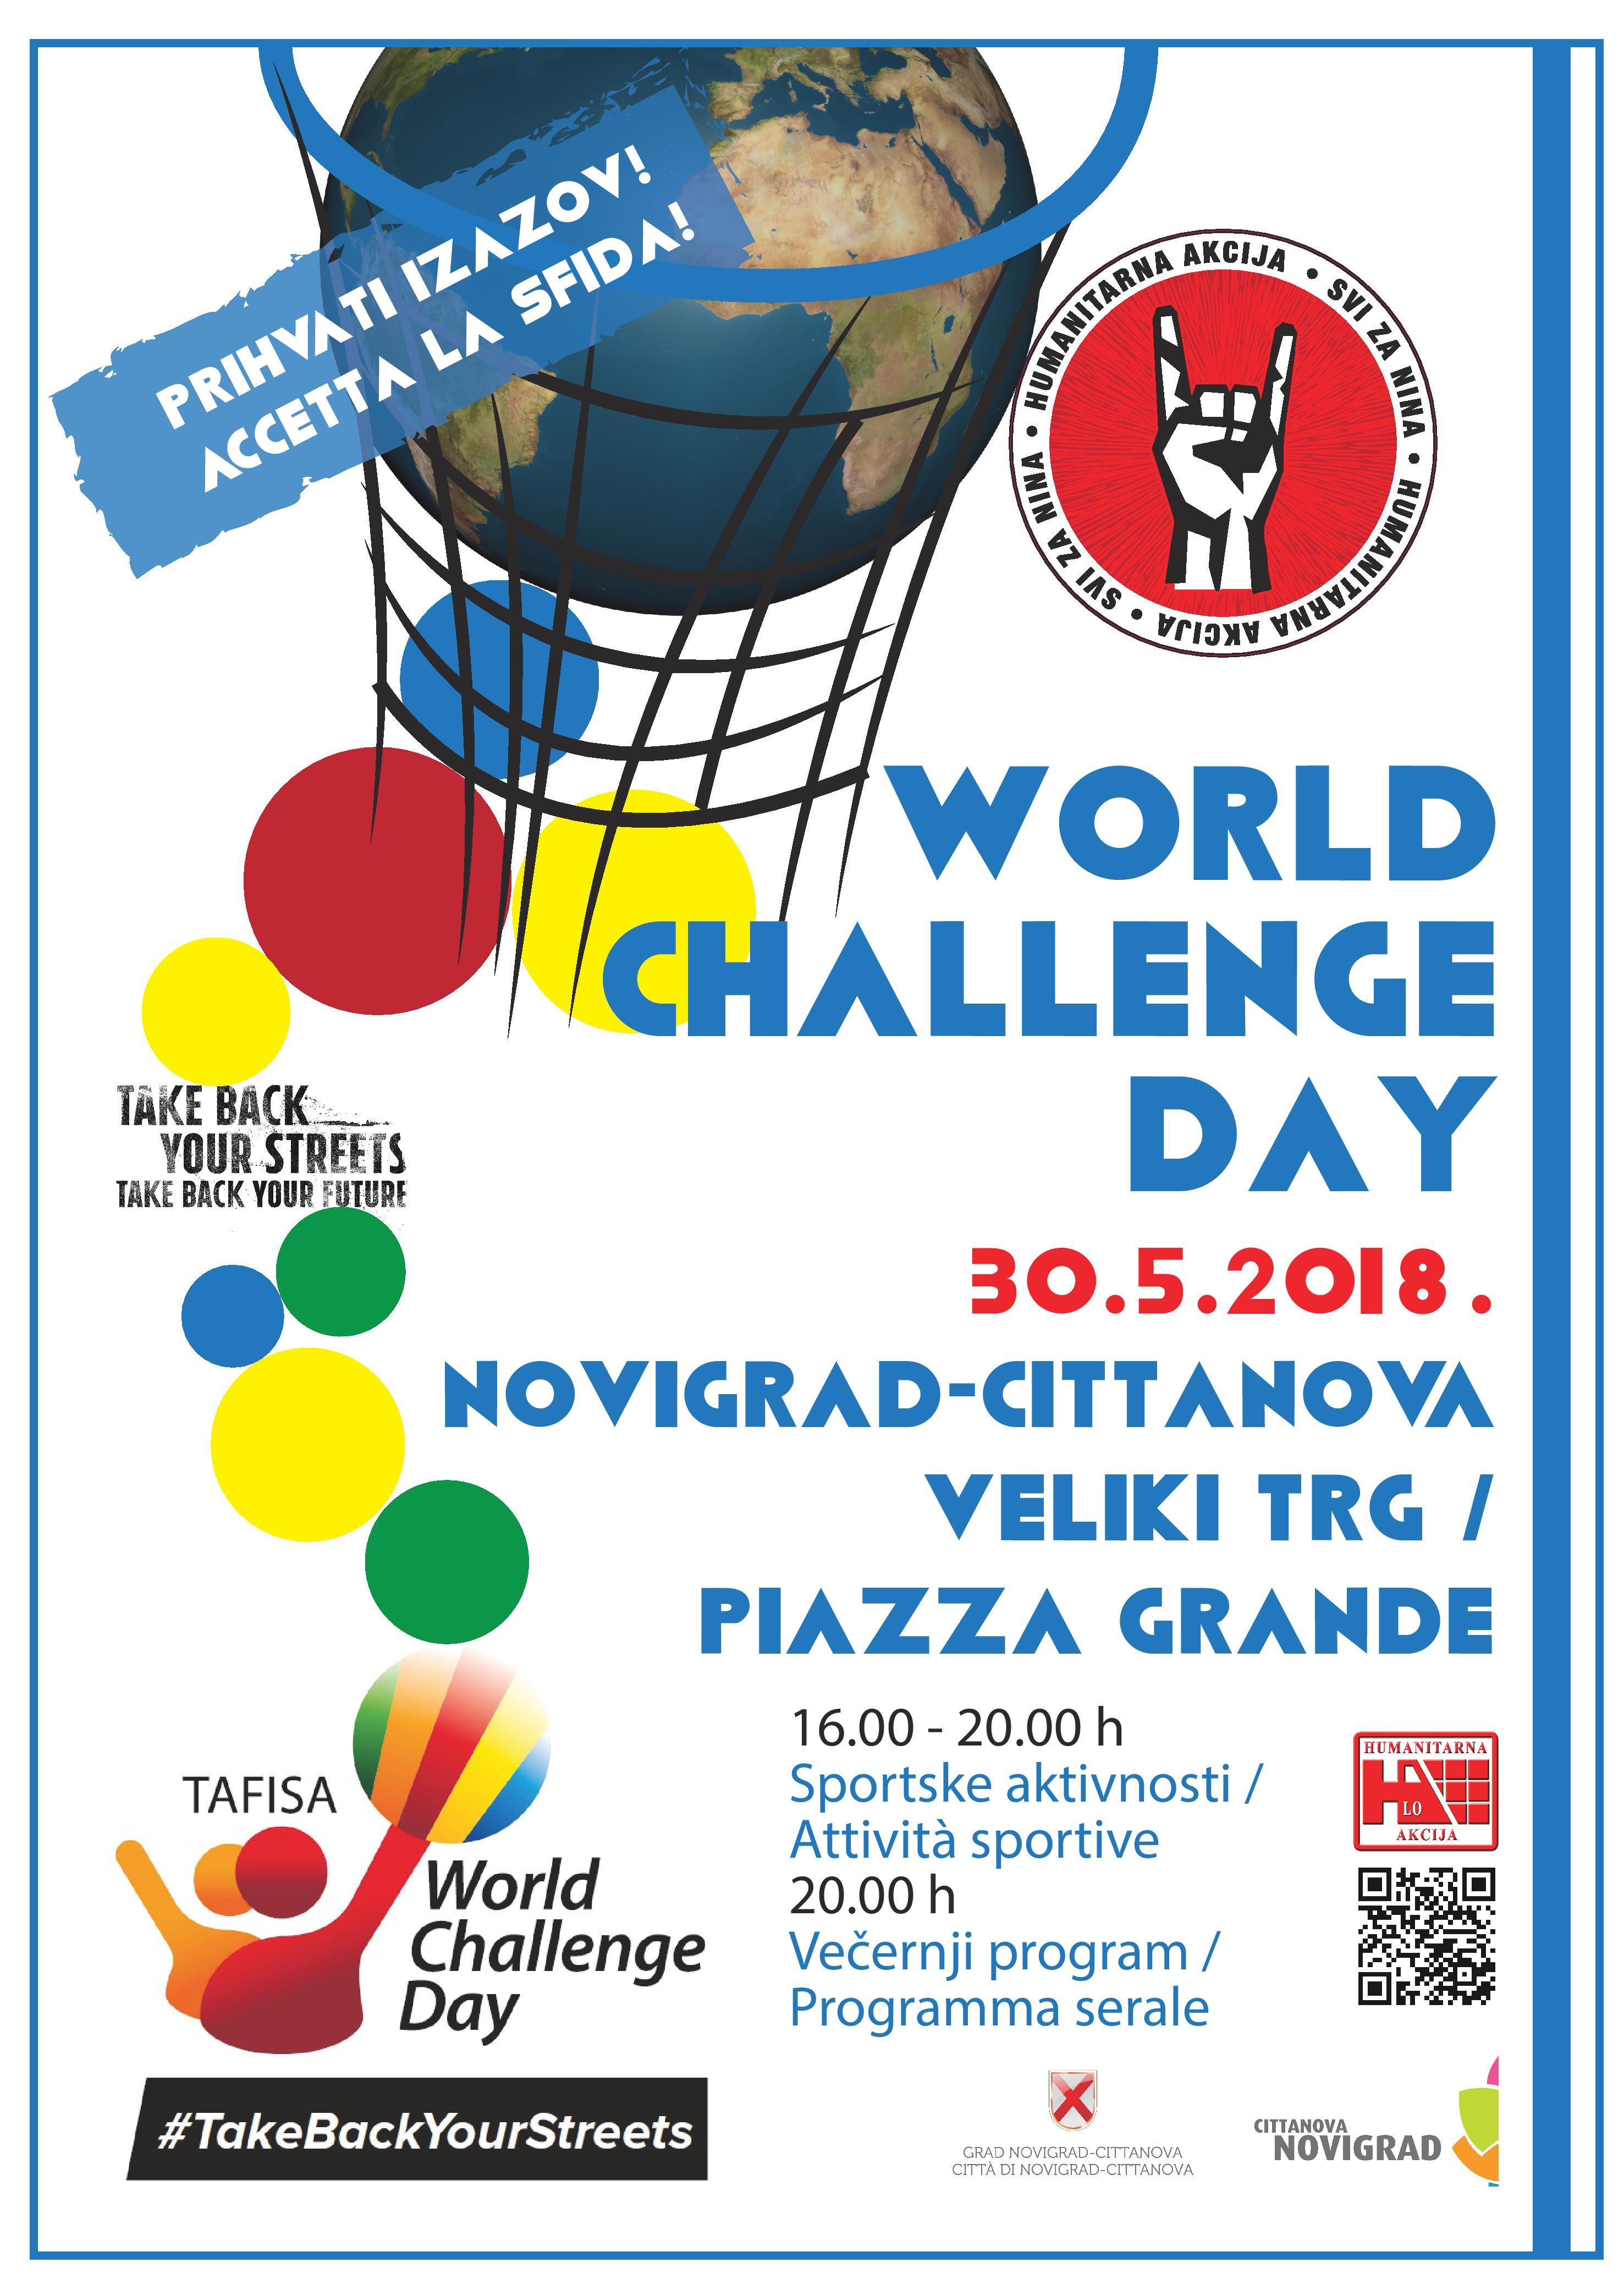 https://novigrad.hr/world_challenge_day_2018